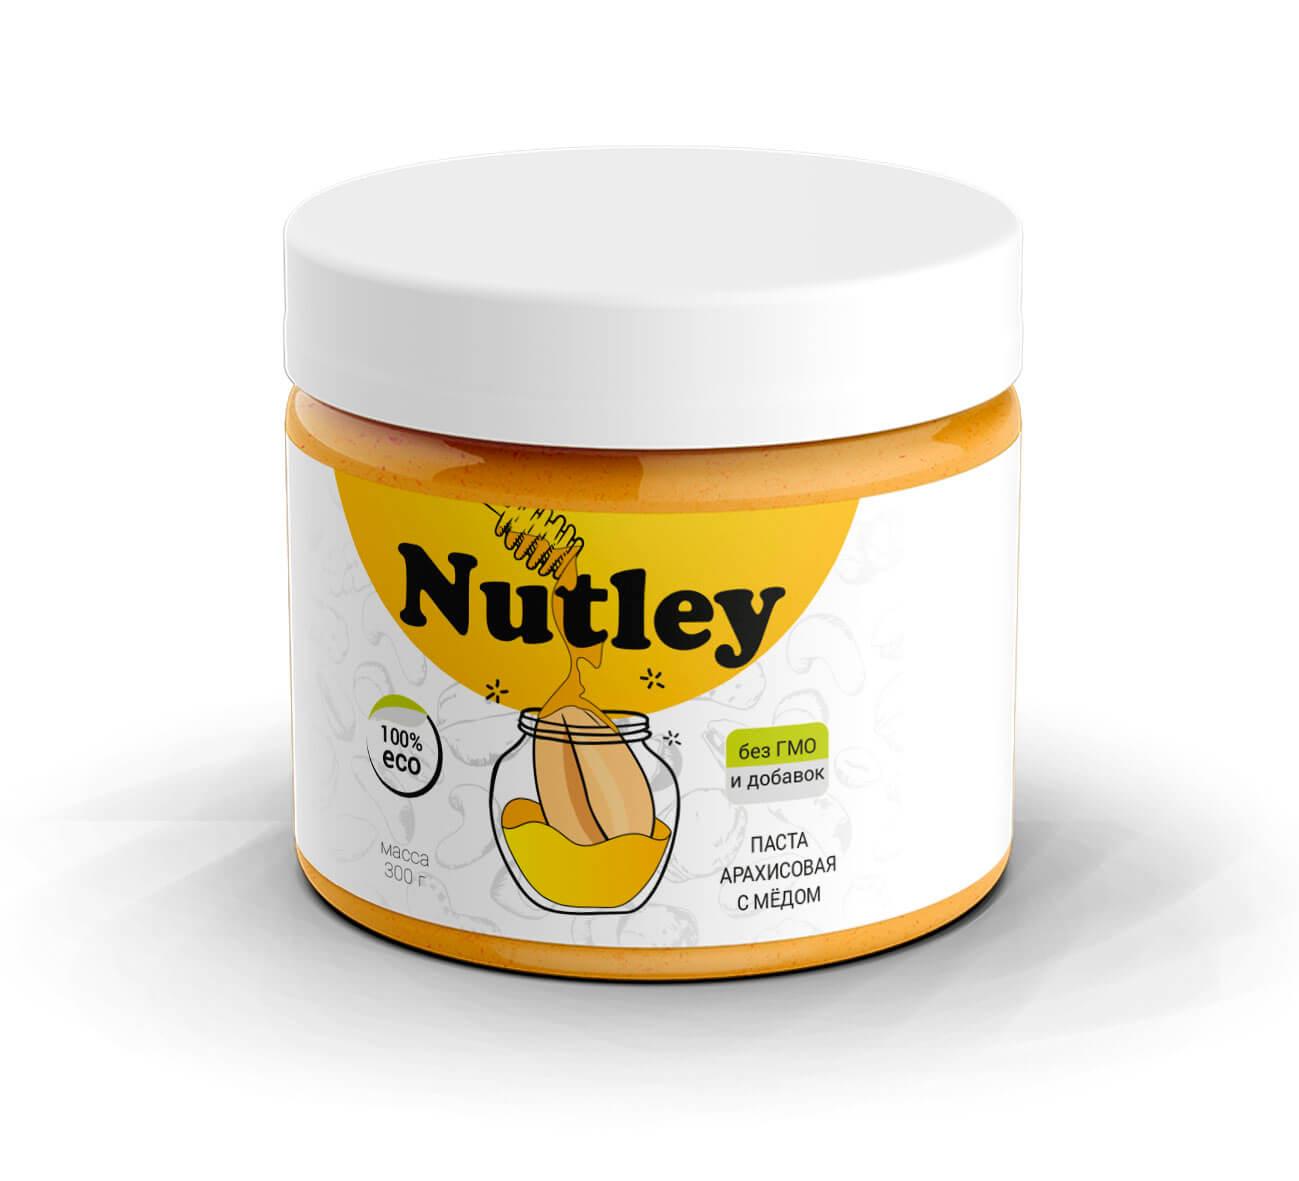 Арахисовая паста с медом Nutley